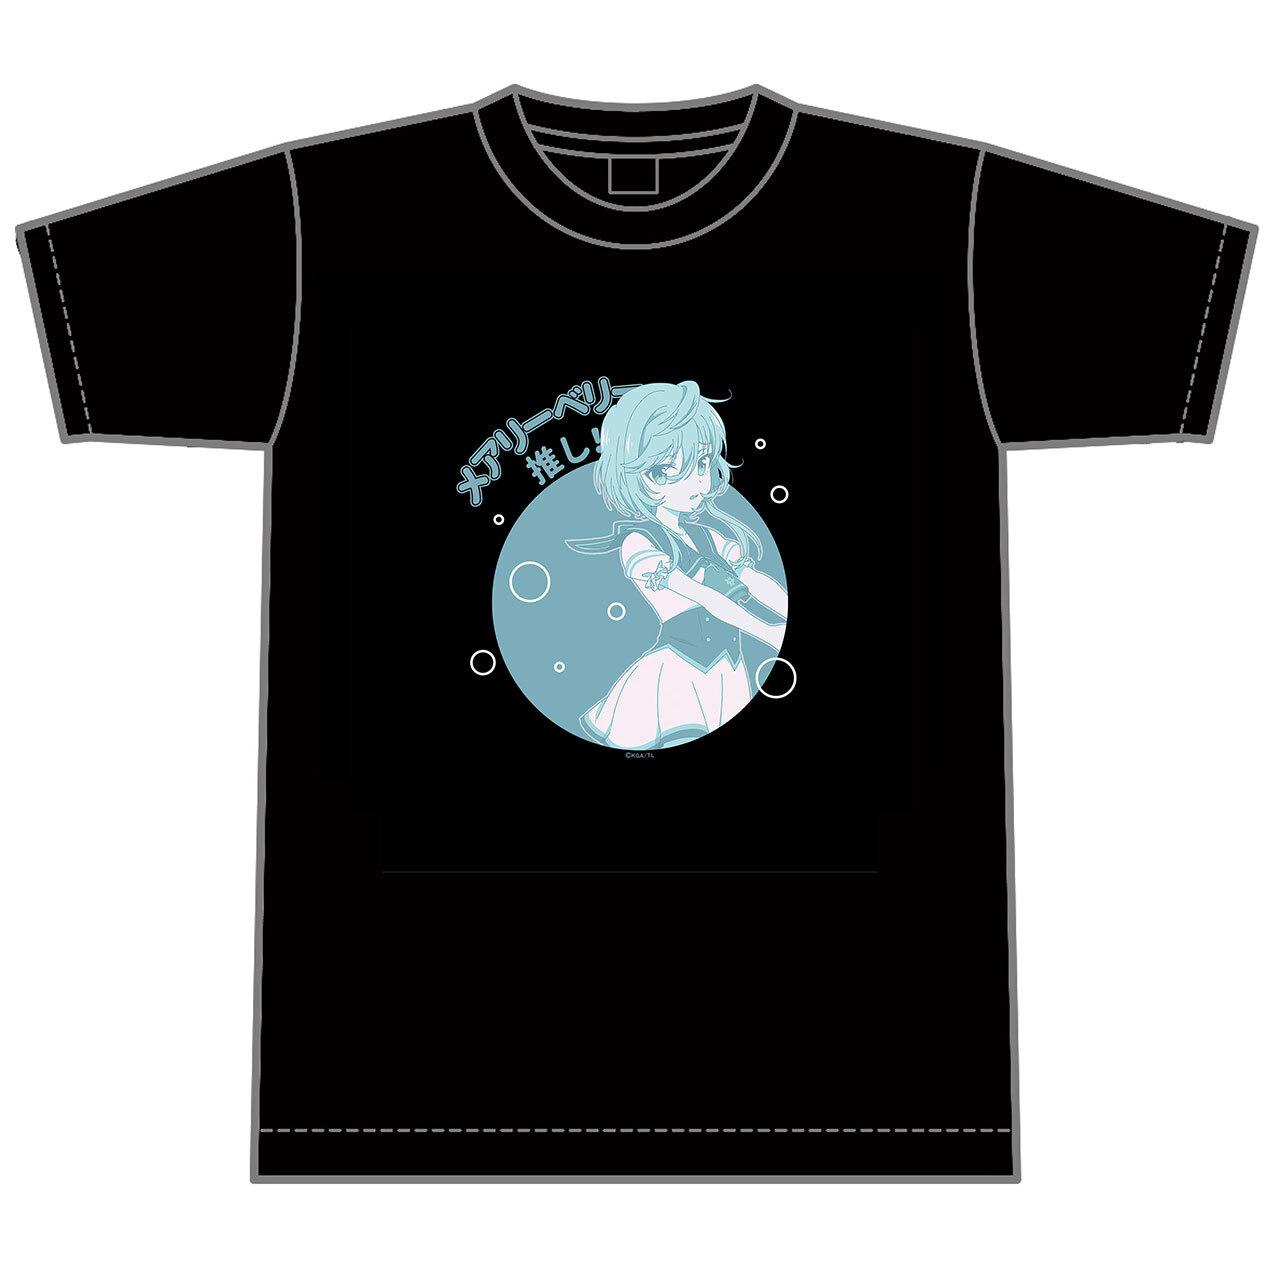 【4589839355148予】ラピスリライツ メアリーベリー 推しTシャツ/XLサイズ